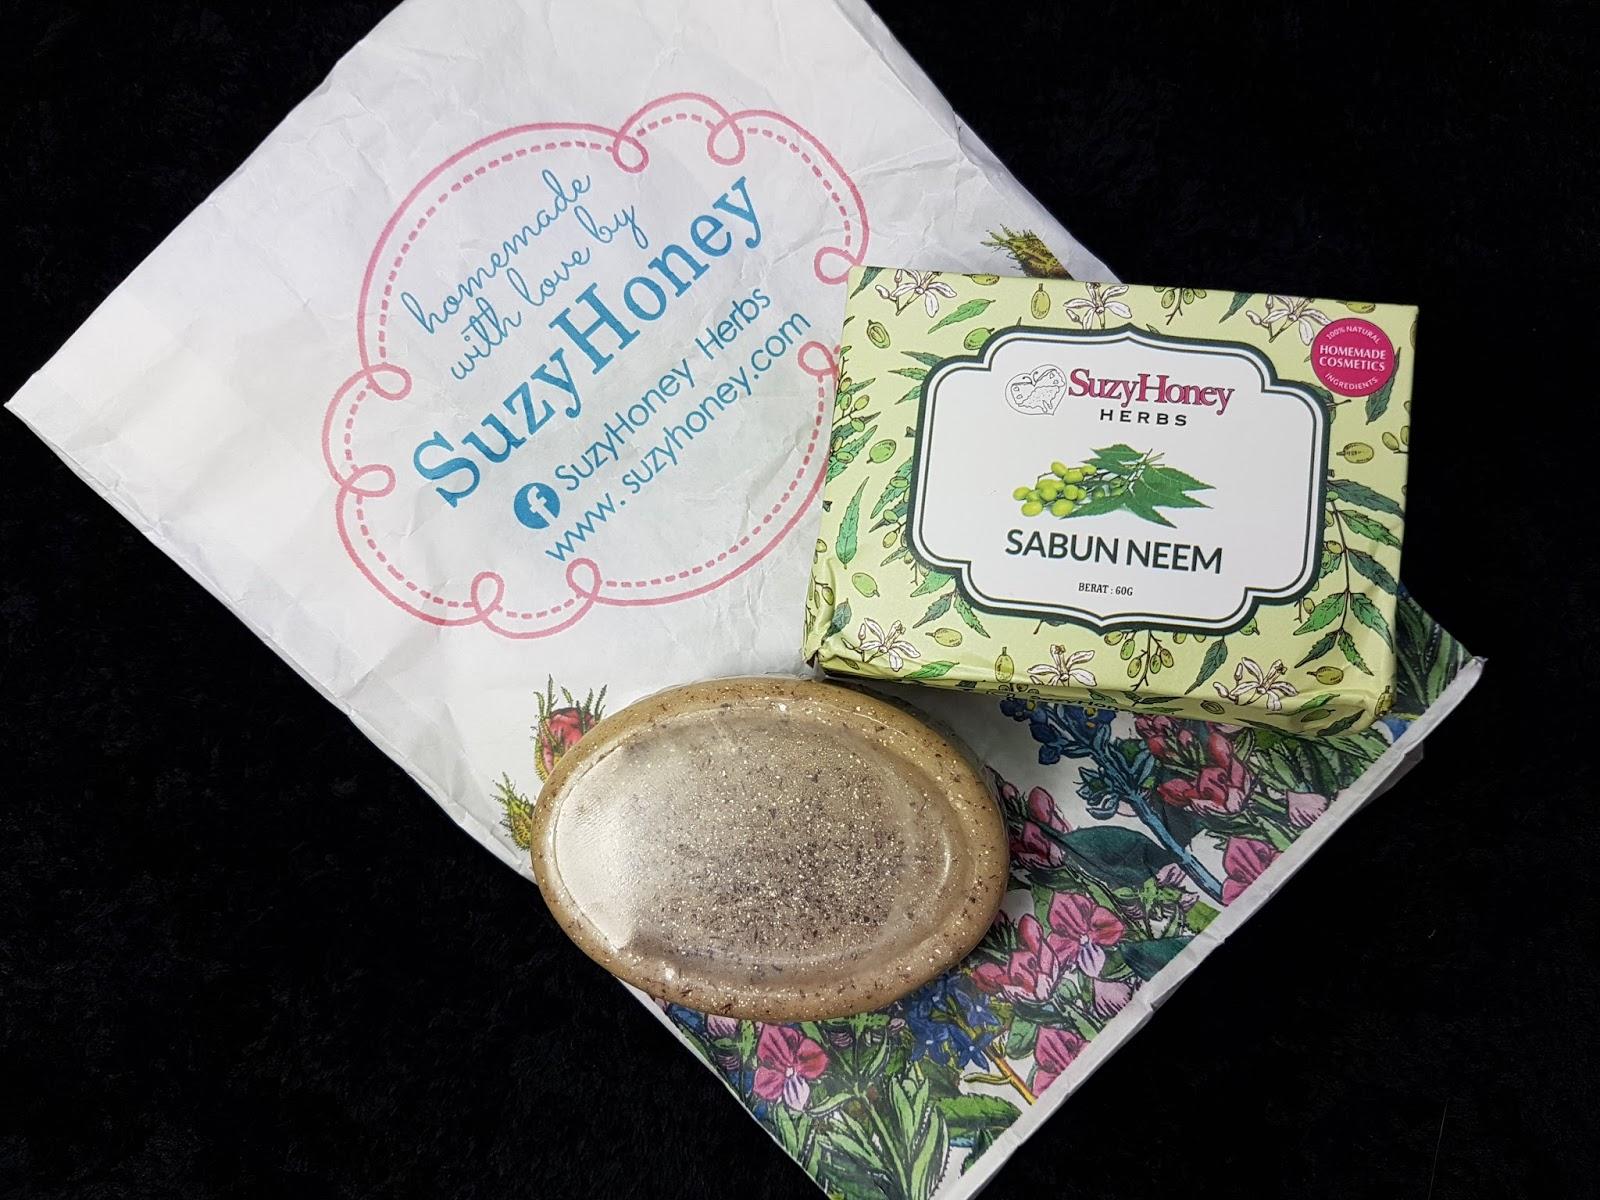 Suzy Honey Herbs Menghasilkan Homemade Cosmetics Dengan 100 Dari Sabun Rose Kecil Herbal Kalau Siapa Yang Tak Tahu Daun Neem Atau Semambu Ini Meh Sikit Orang Kampung Nak Cerita Selalunya Guna Untuk Mandi Masa Demam